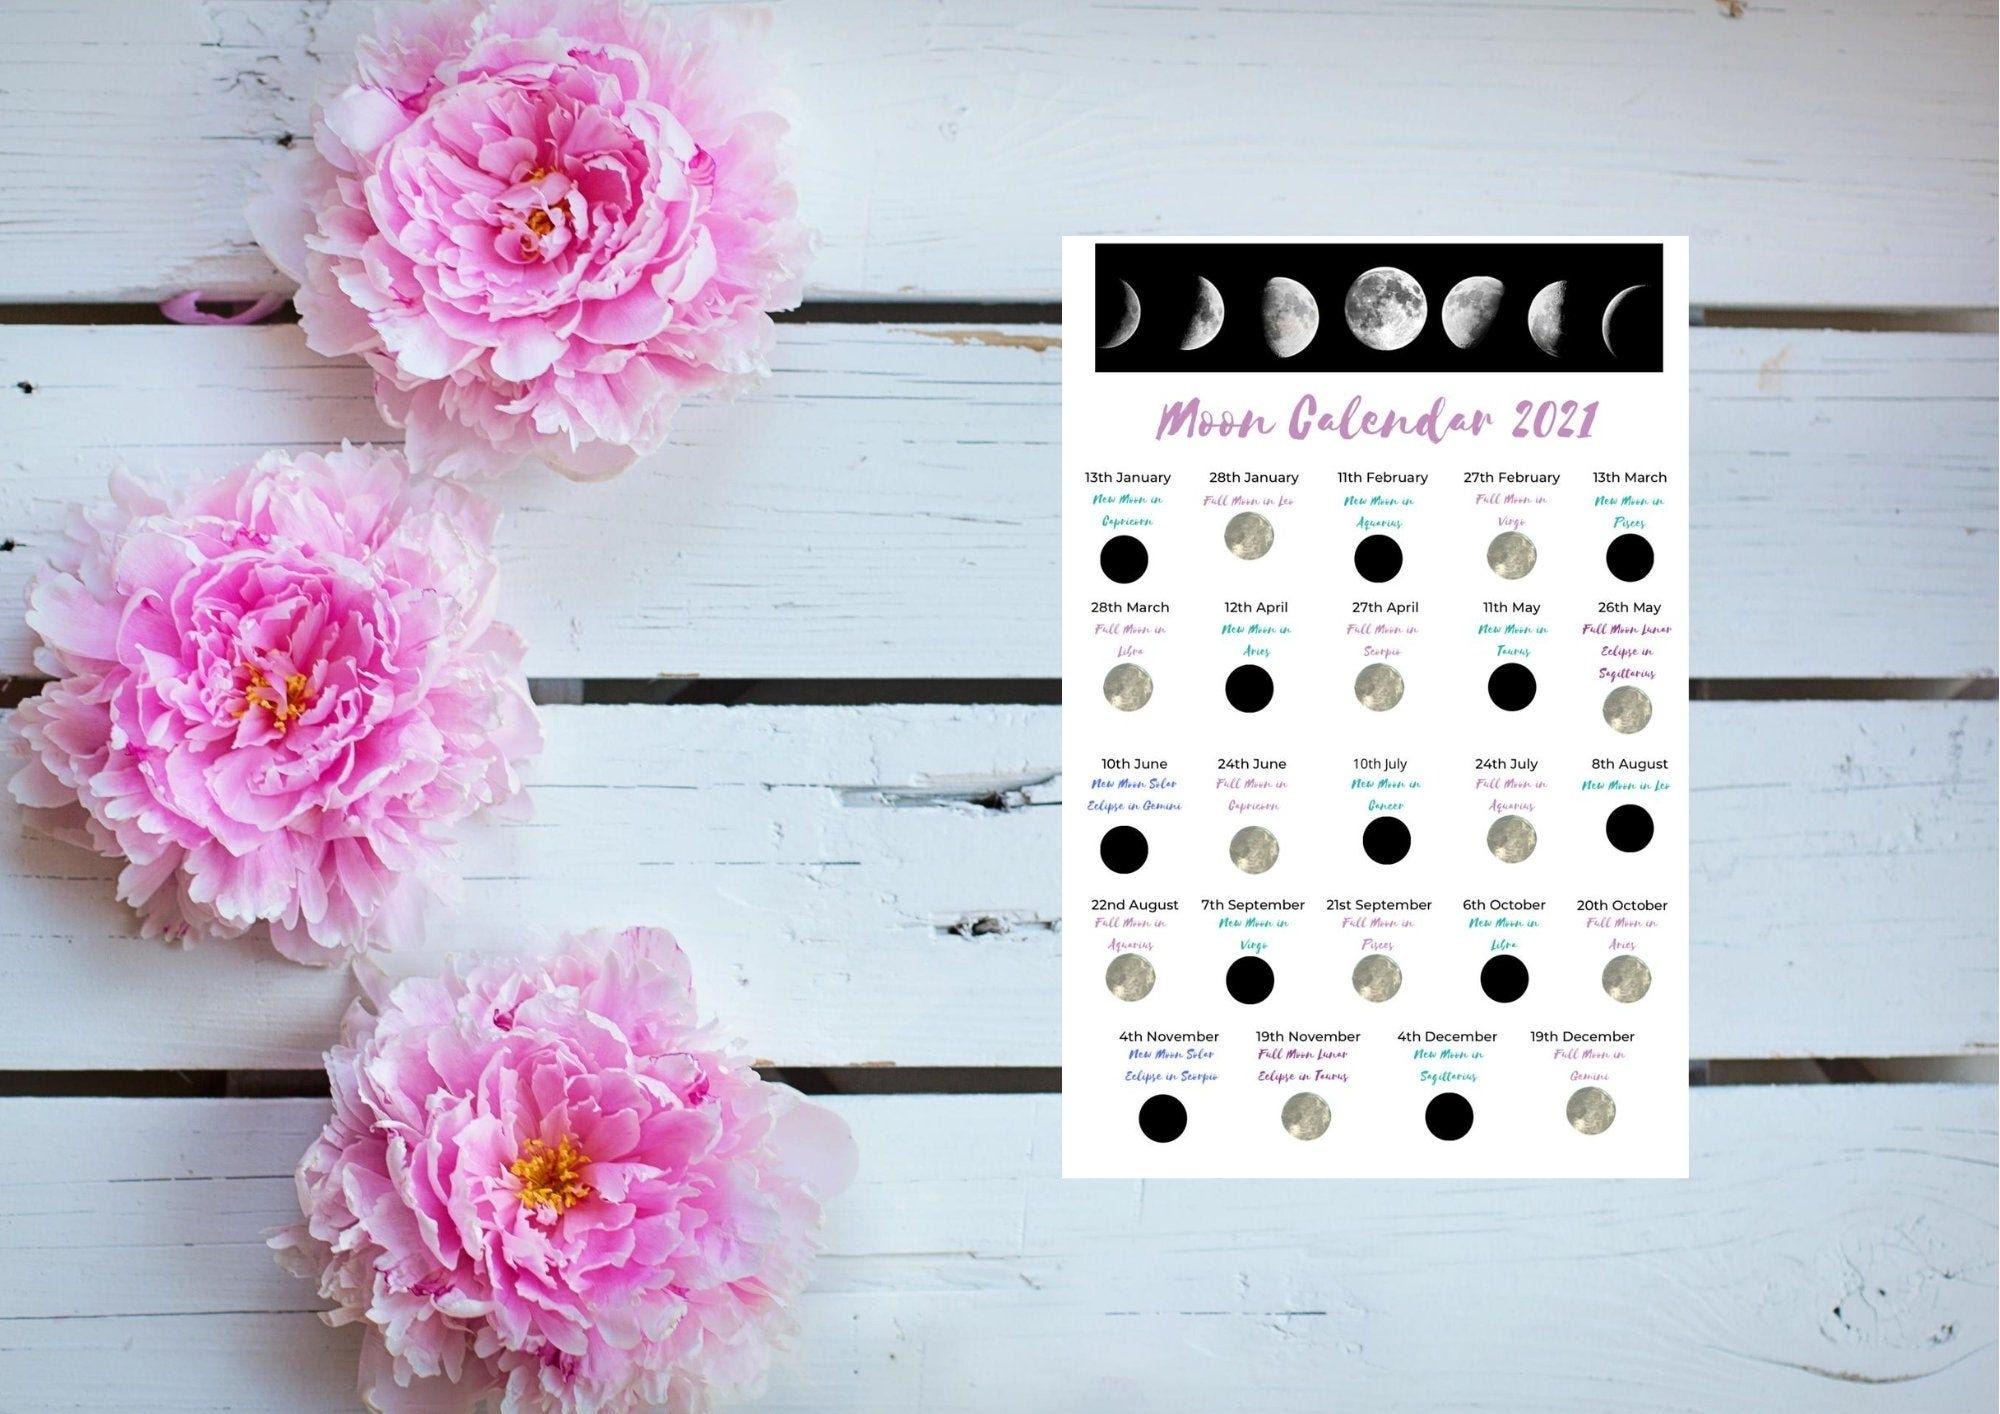 Lunar Calendar 2021 / Astrology Calendar 2021 / Moon